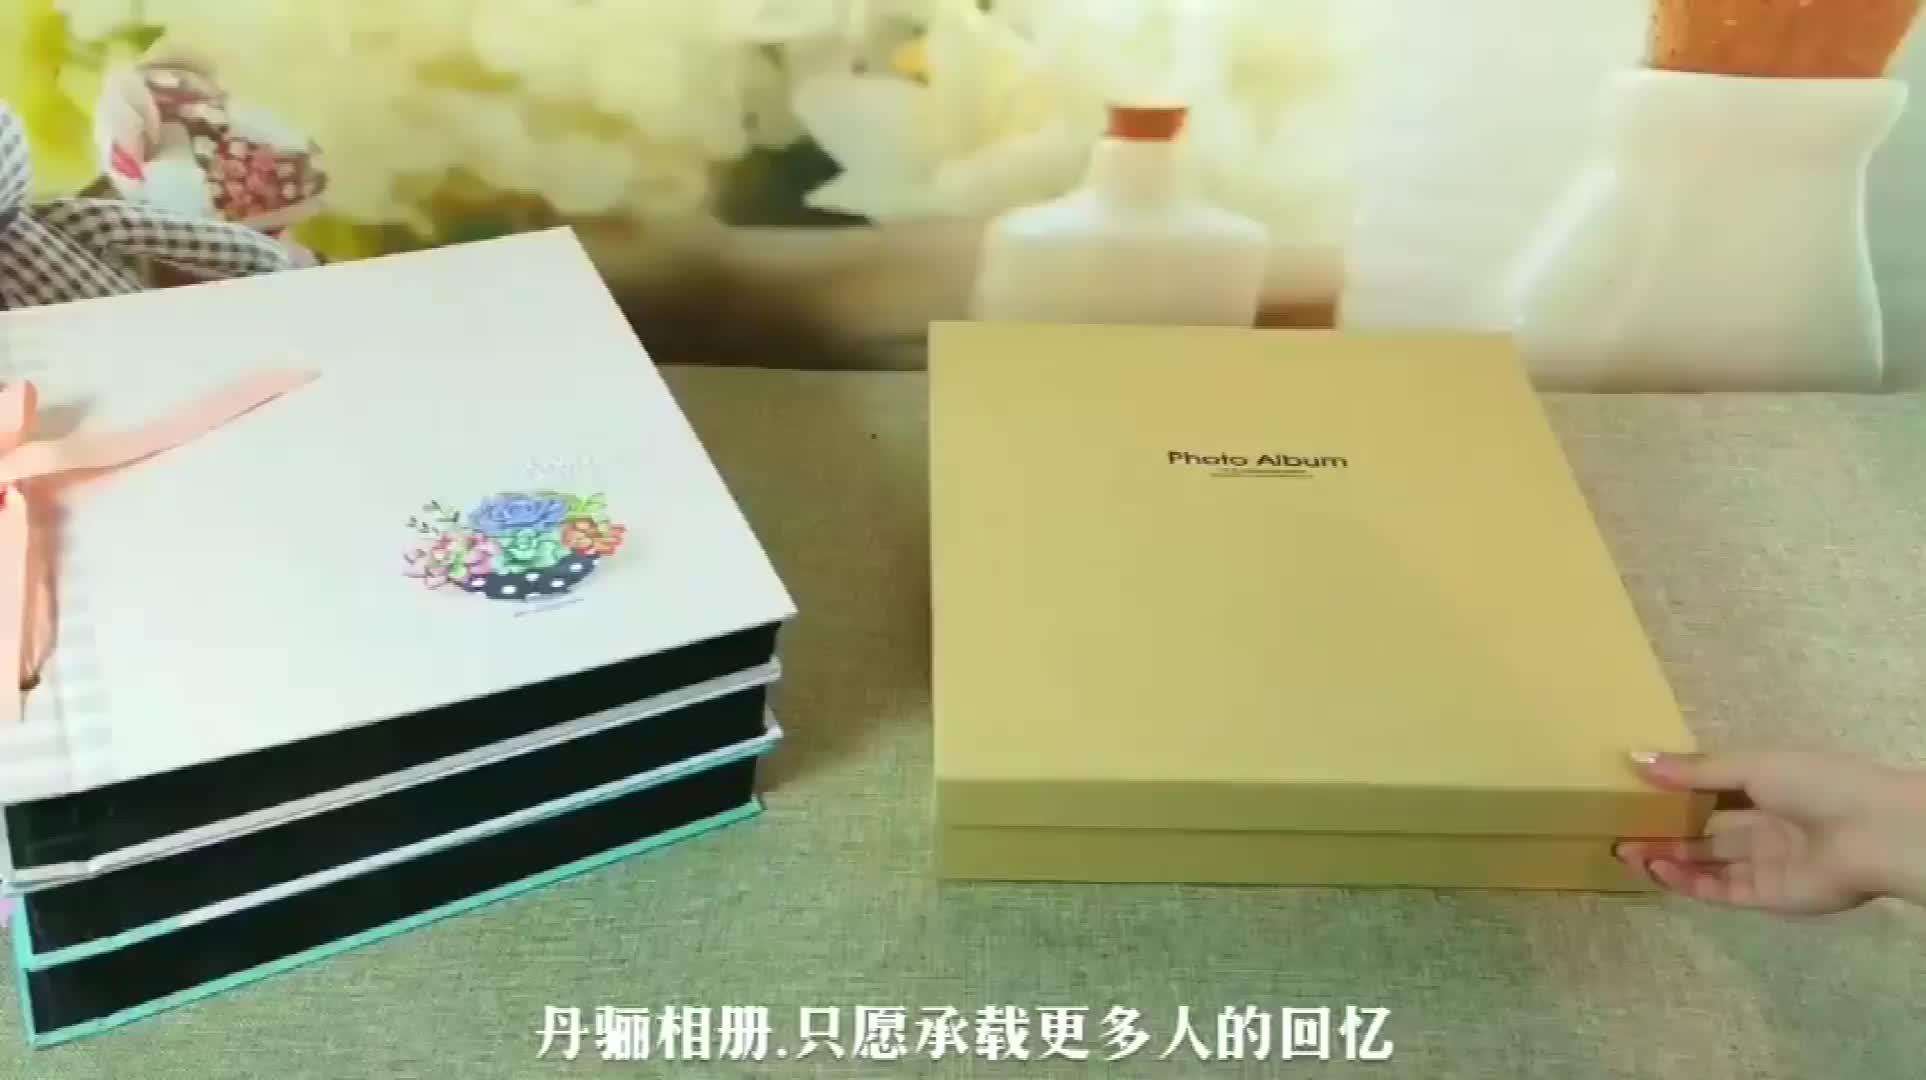 New 4x6 Slip In paper album Memo Photo Album